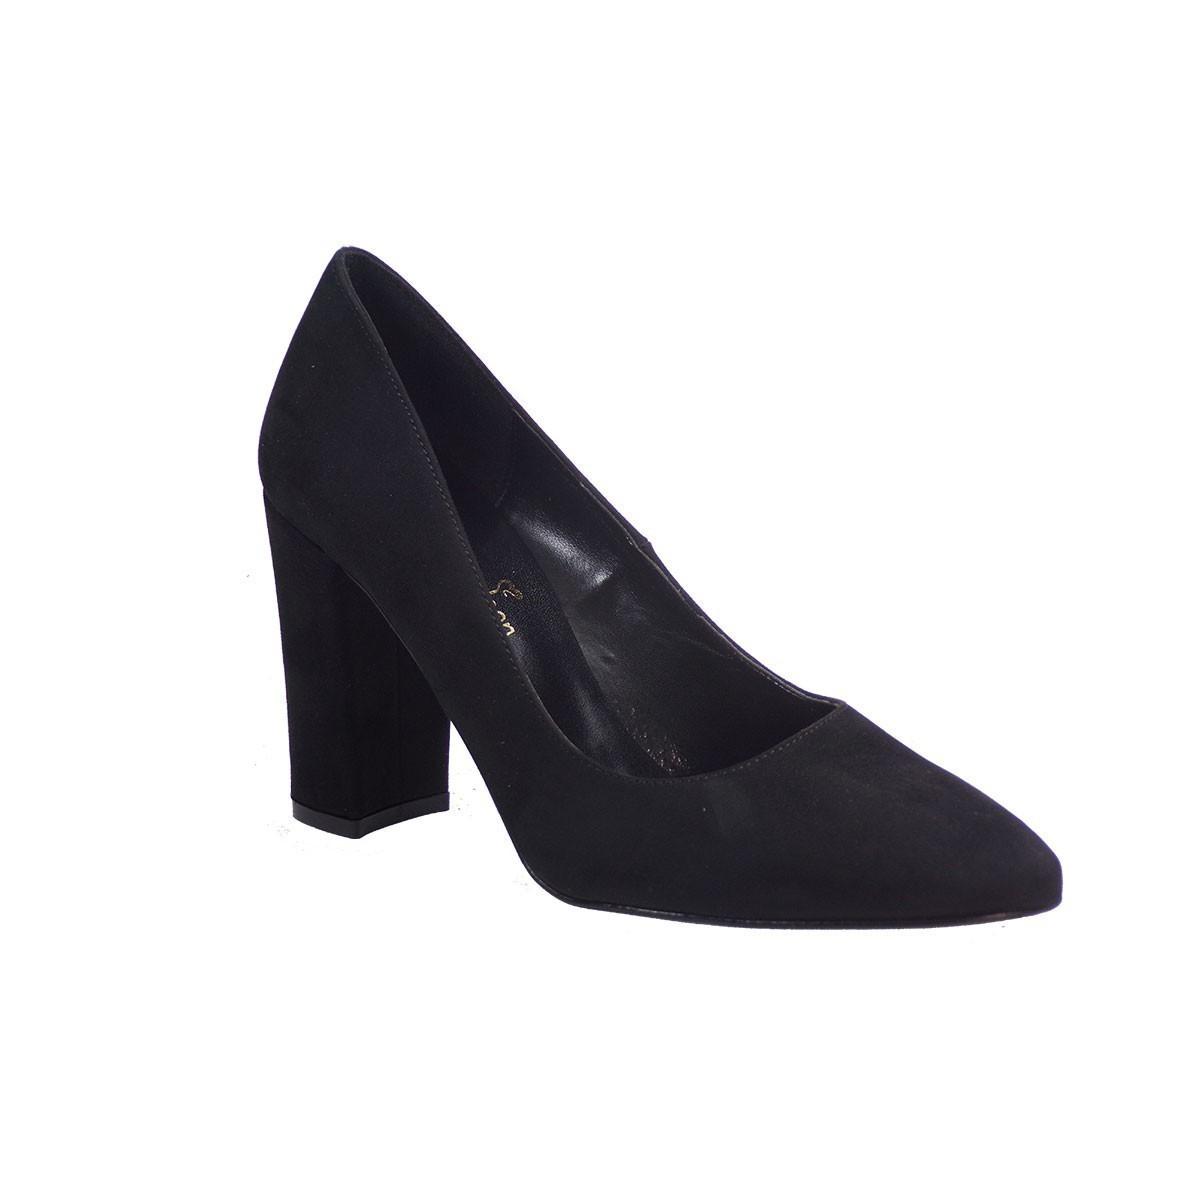 Envie Shoes Γυναικείες Παπούτσια Γόβες E02-08503 Μαύρο